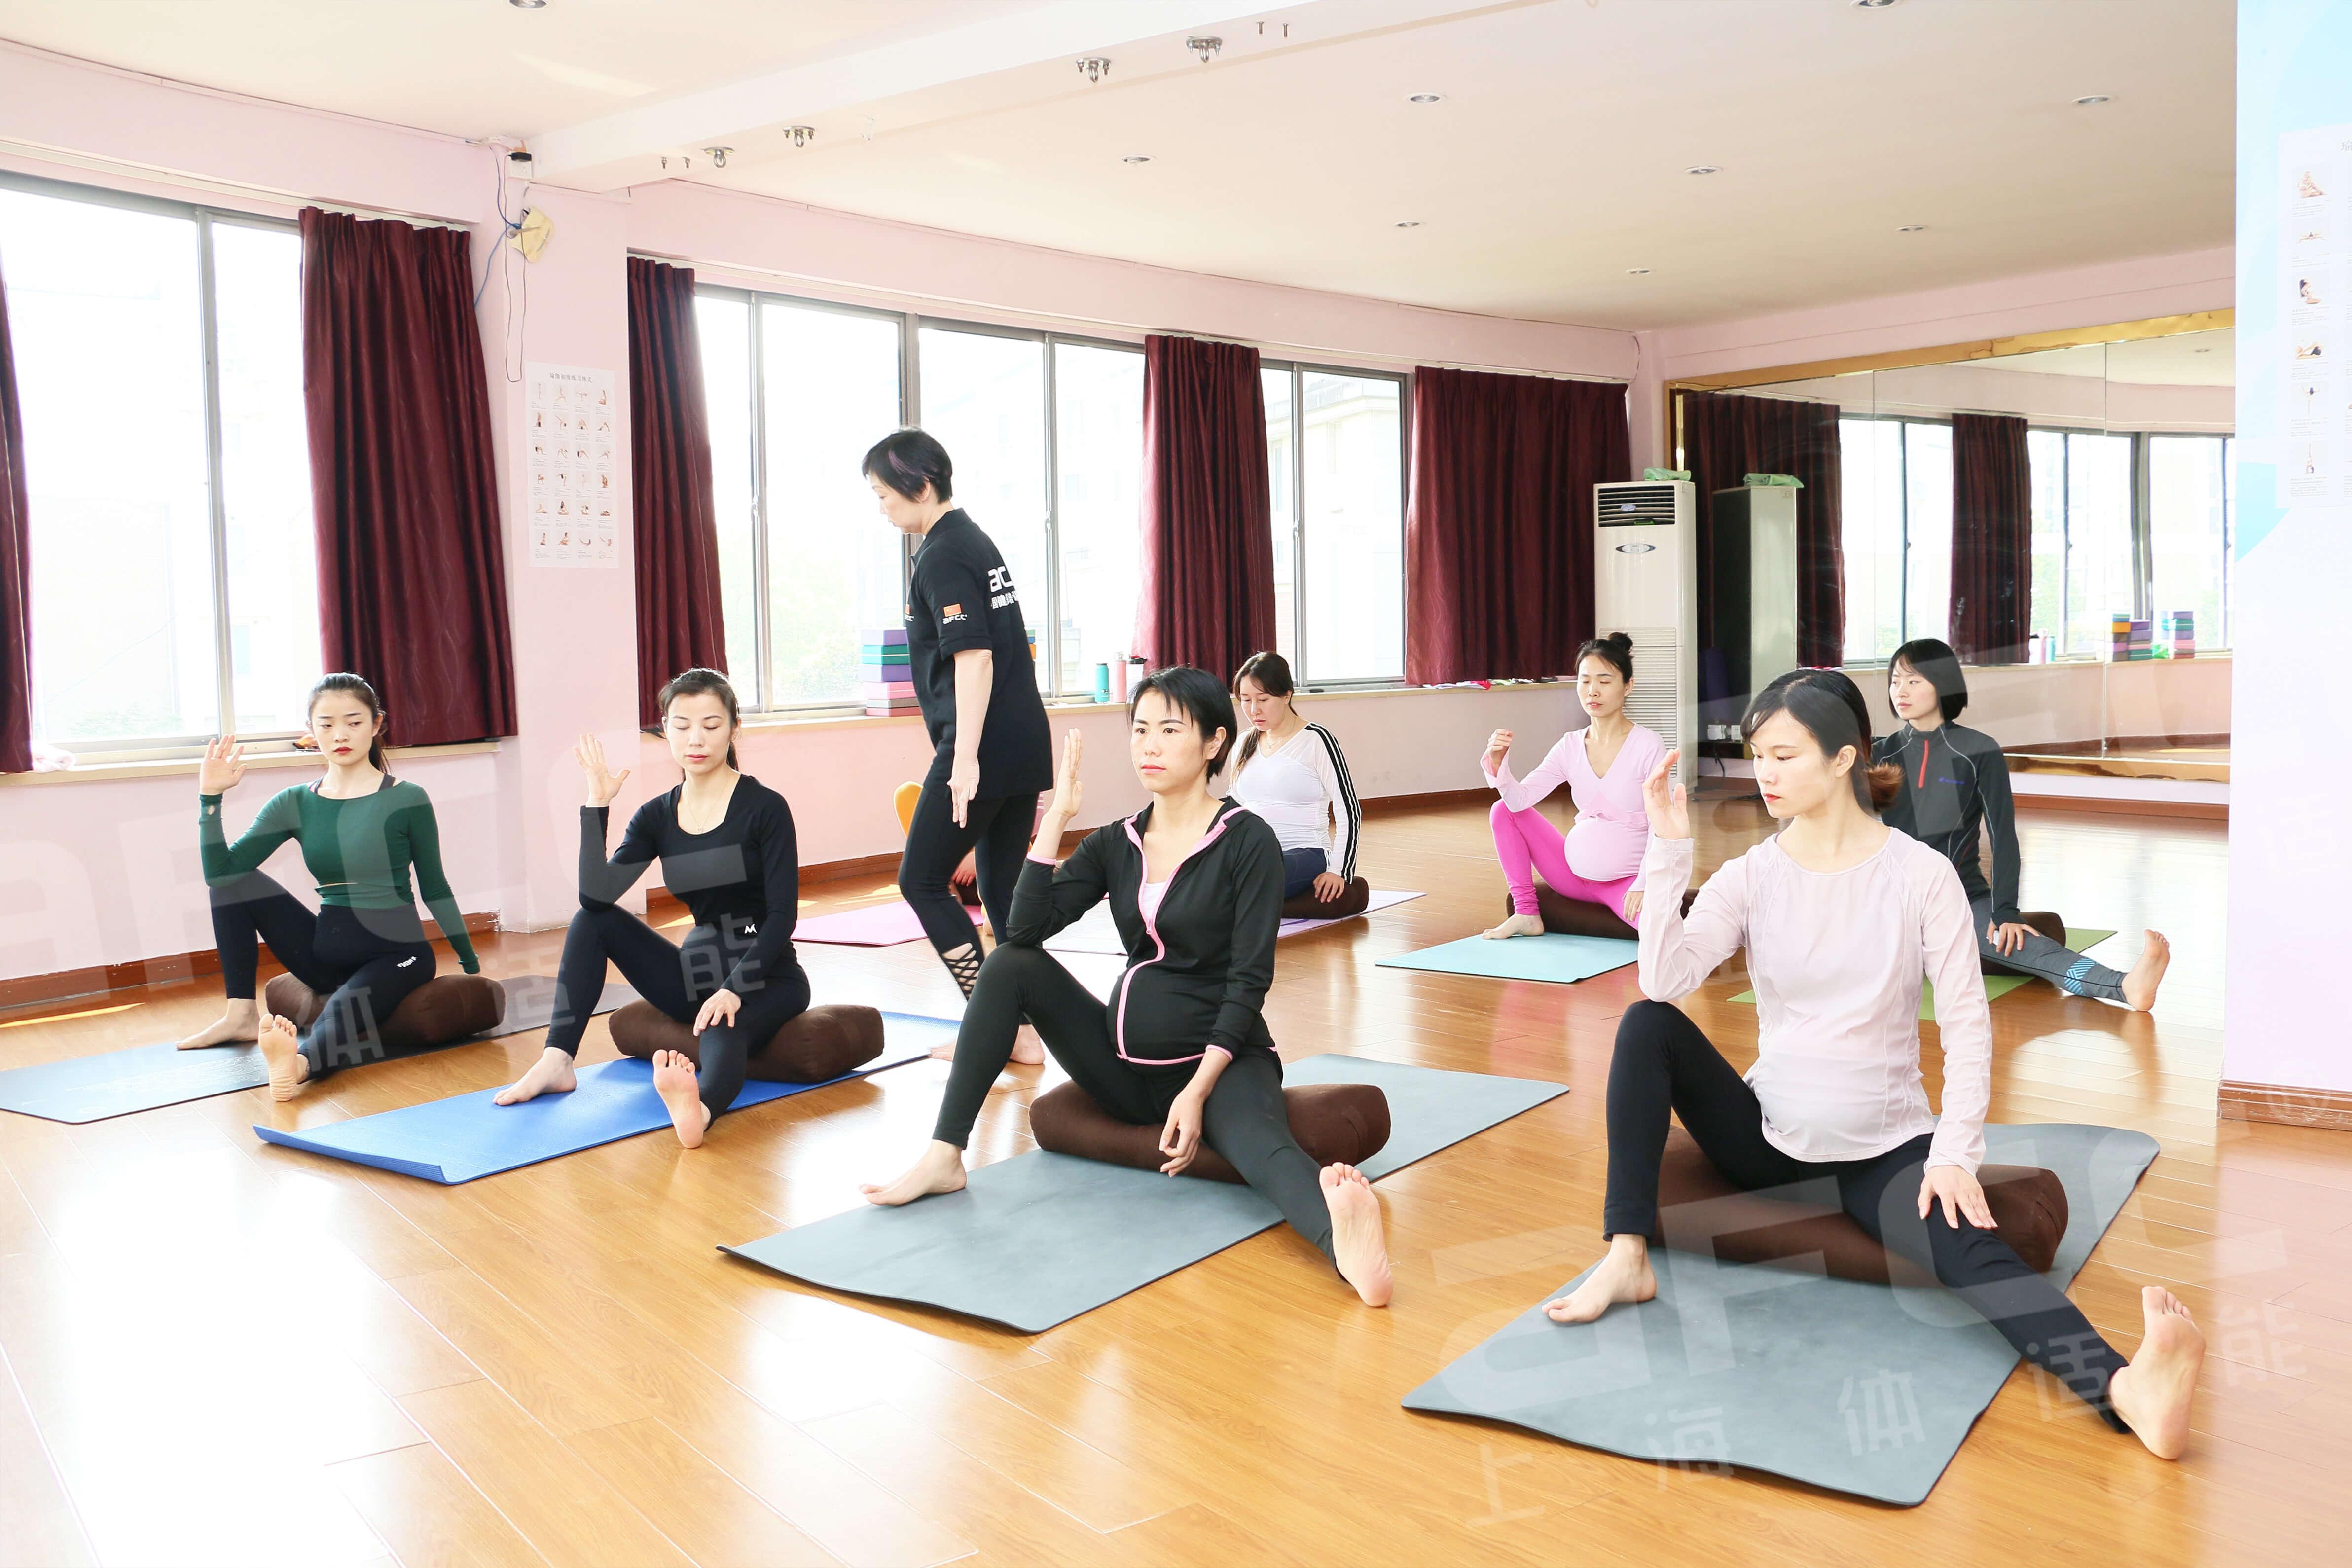 上海体适能特别融入瑜伽轮的教学内容